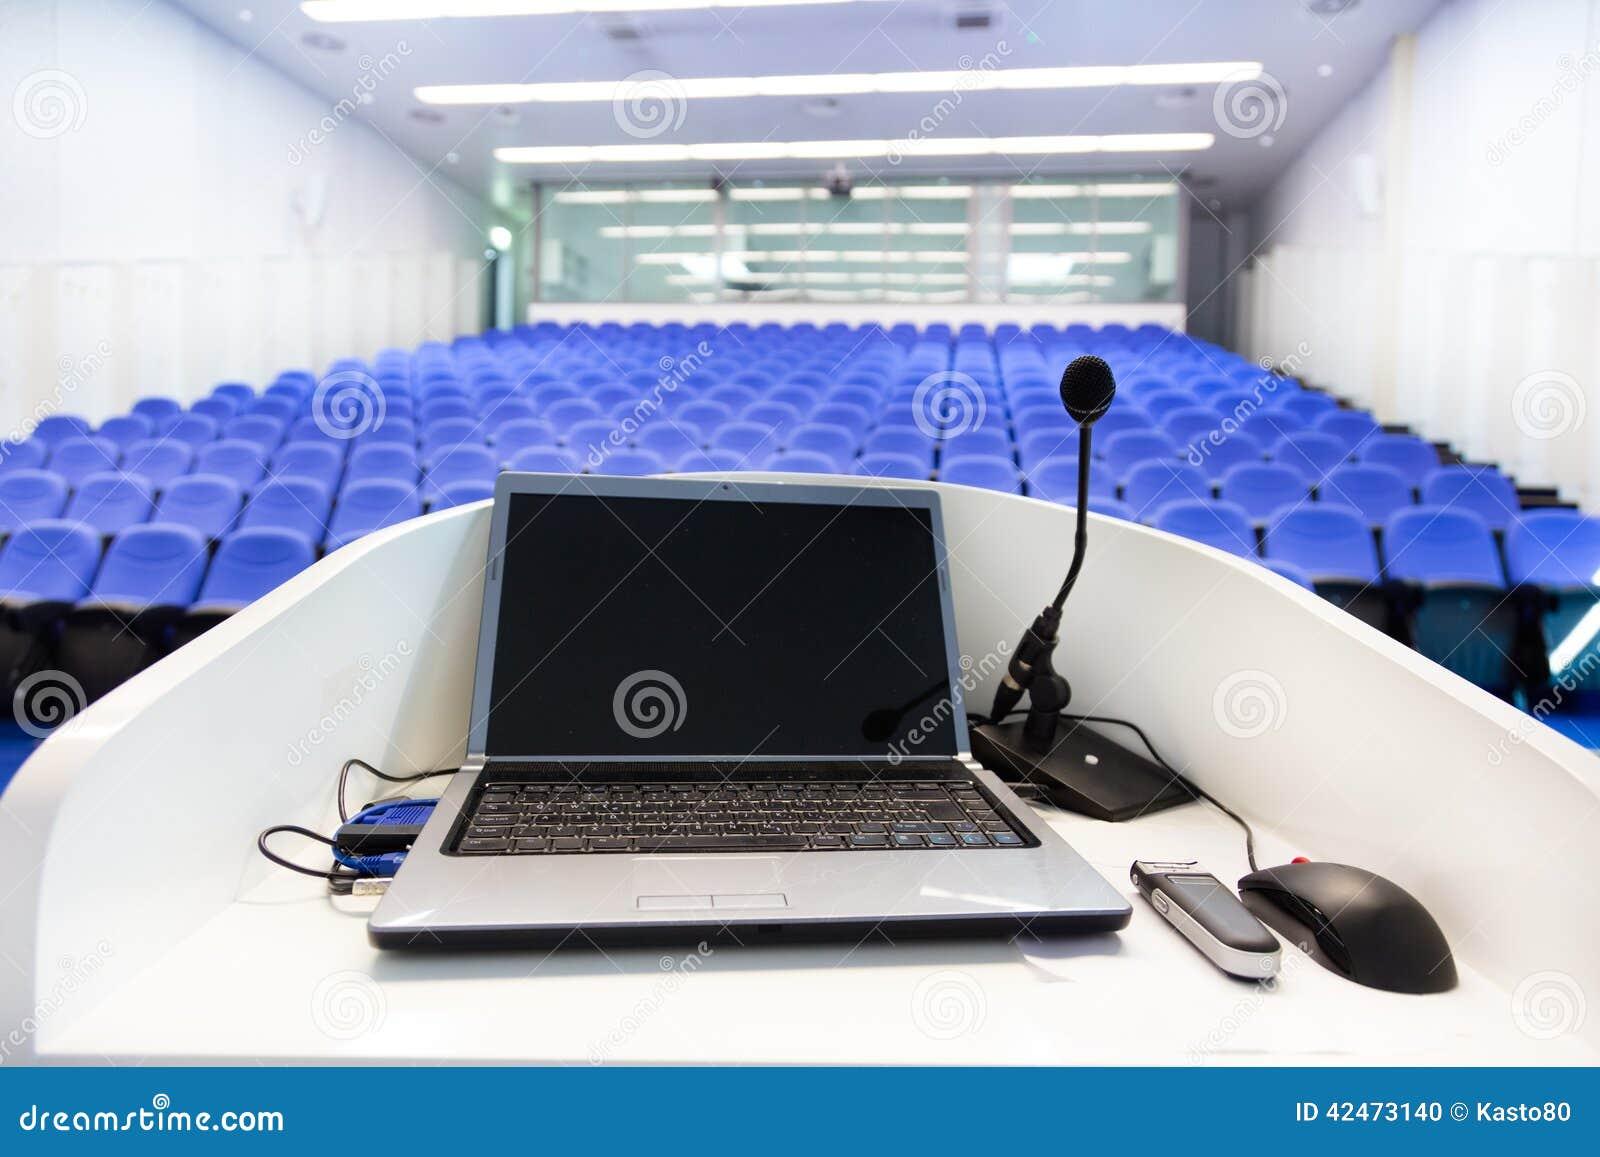 Laptop auf dem Podium im Konferenzsaal